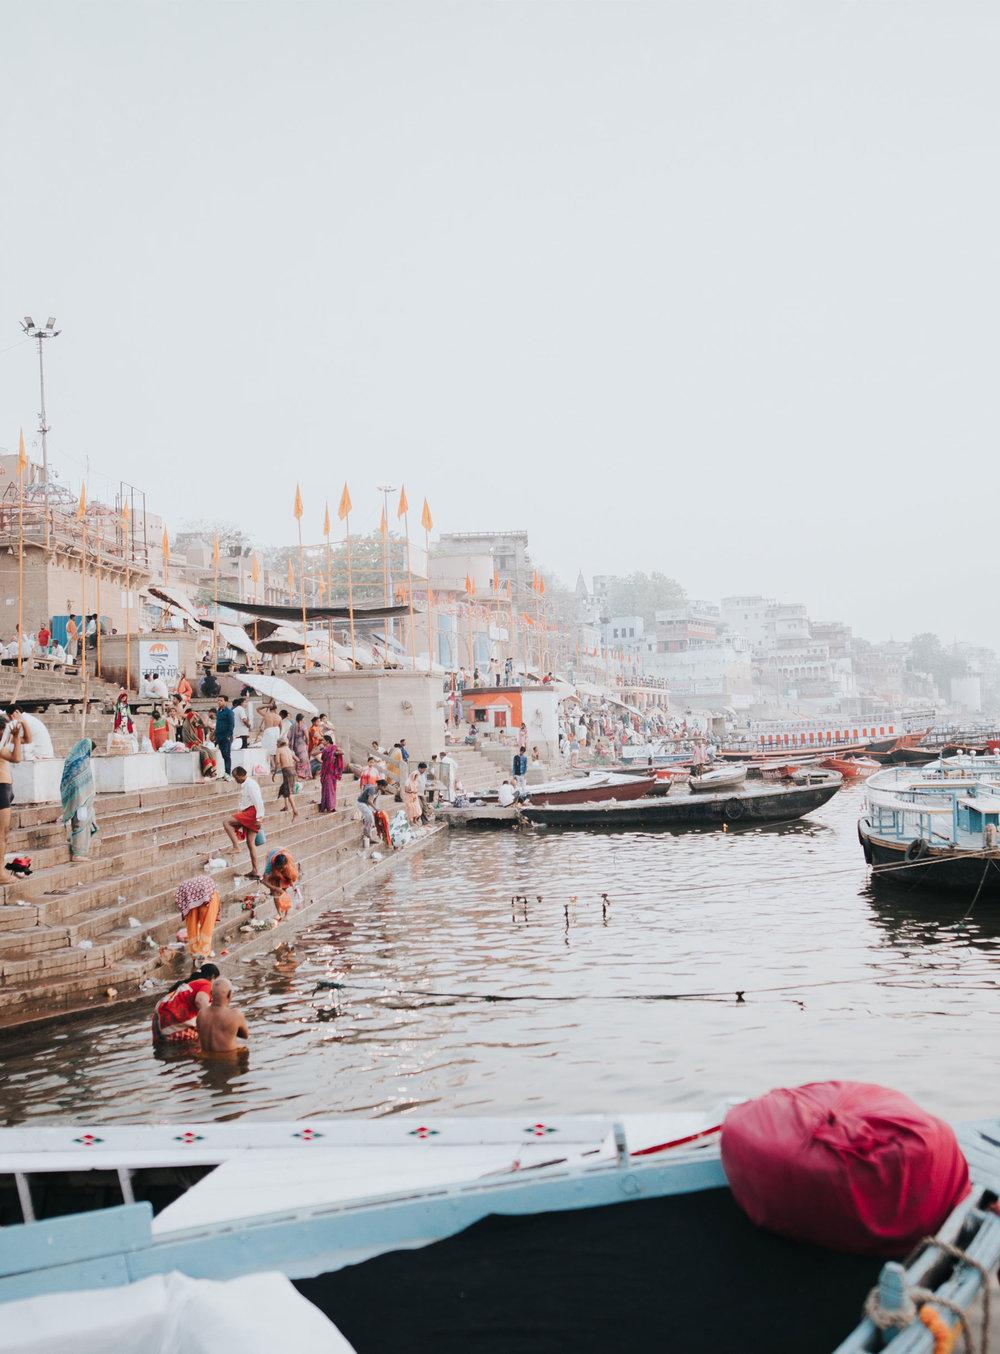 """Rishikesh - La llamada cuna del Yoga, ubicada a orillas del Ganges, el río sagrado de la India, el cual en este punto es muy limpio y cristalino, al estar muy cerca del glaciar que le da origen.Podremos participar de clases de Yoga en algunos ashrams y centros de Yoga, meditaremos en la rivera del """"Ganga"""" y recibiremos la bendición de yoguis, vacas sagradas y de las aguas de este sagrado río.Más Información: Descargar Catálogo"""